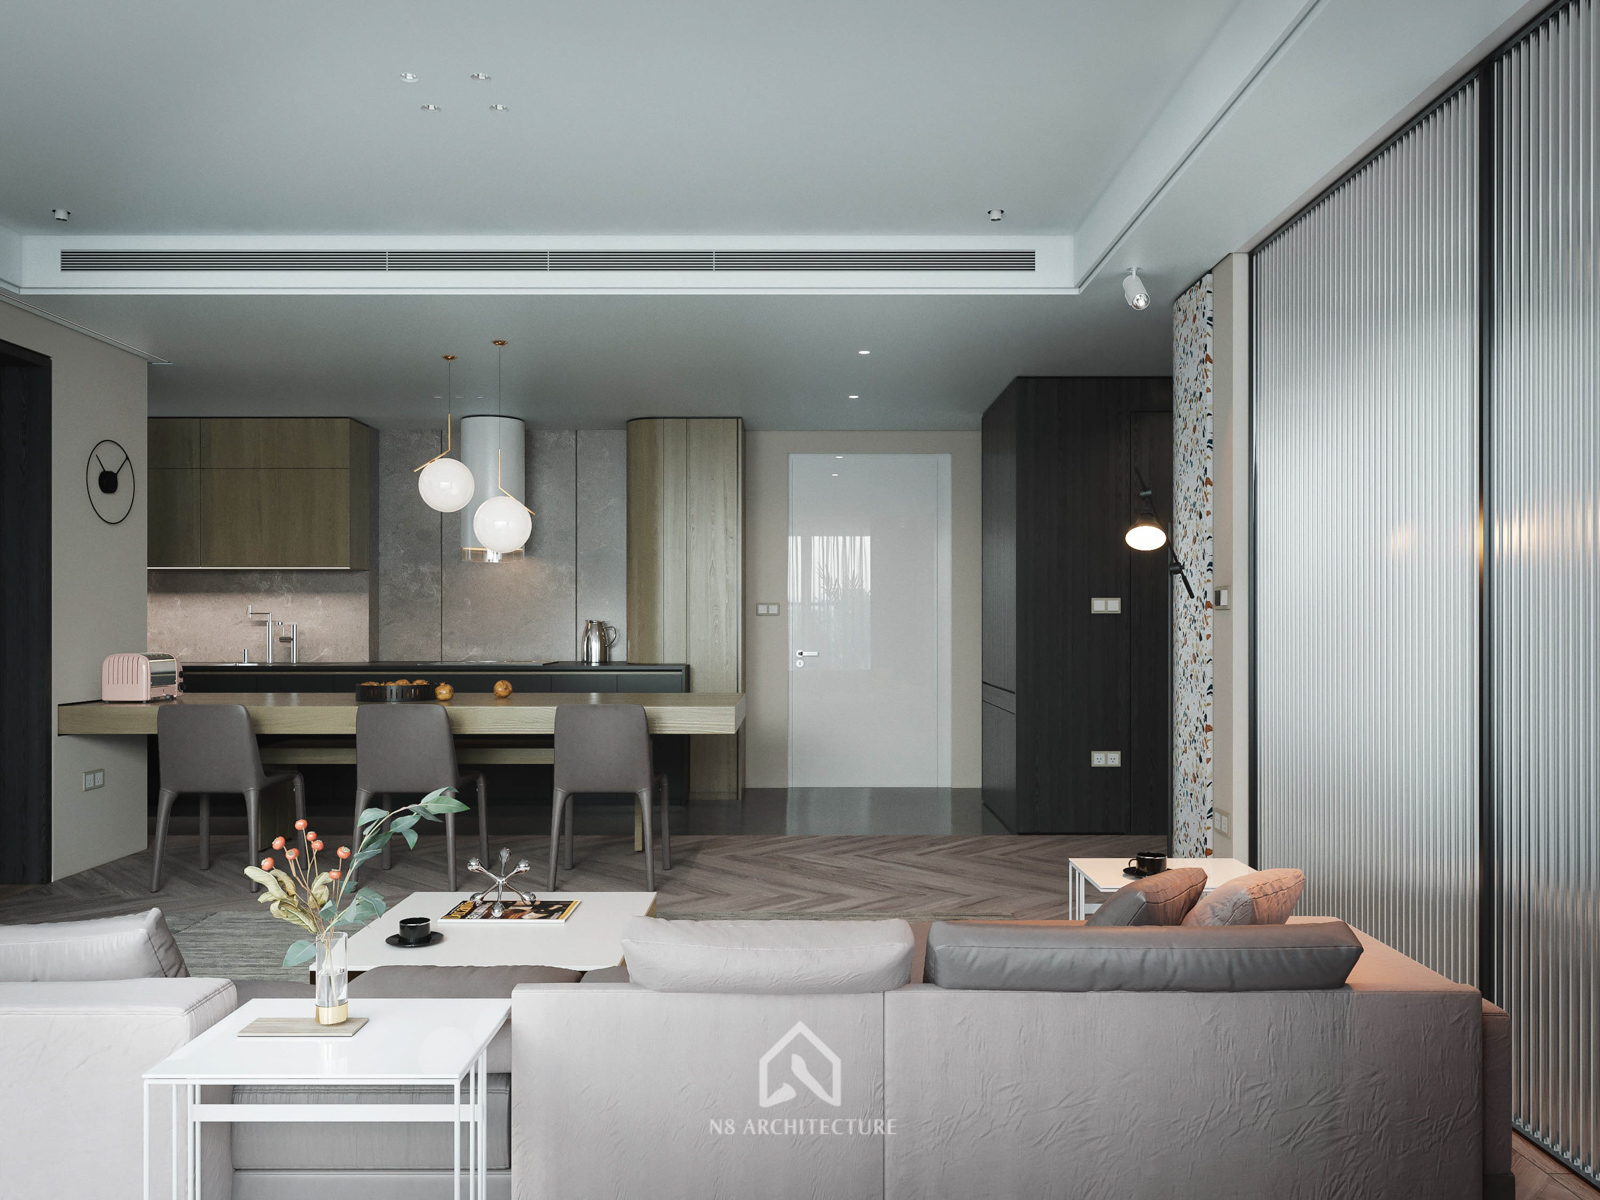 Thiết kế nội thất phòng khách chung cư D Capitale Vinhomes Trần Duy Hưng 2